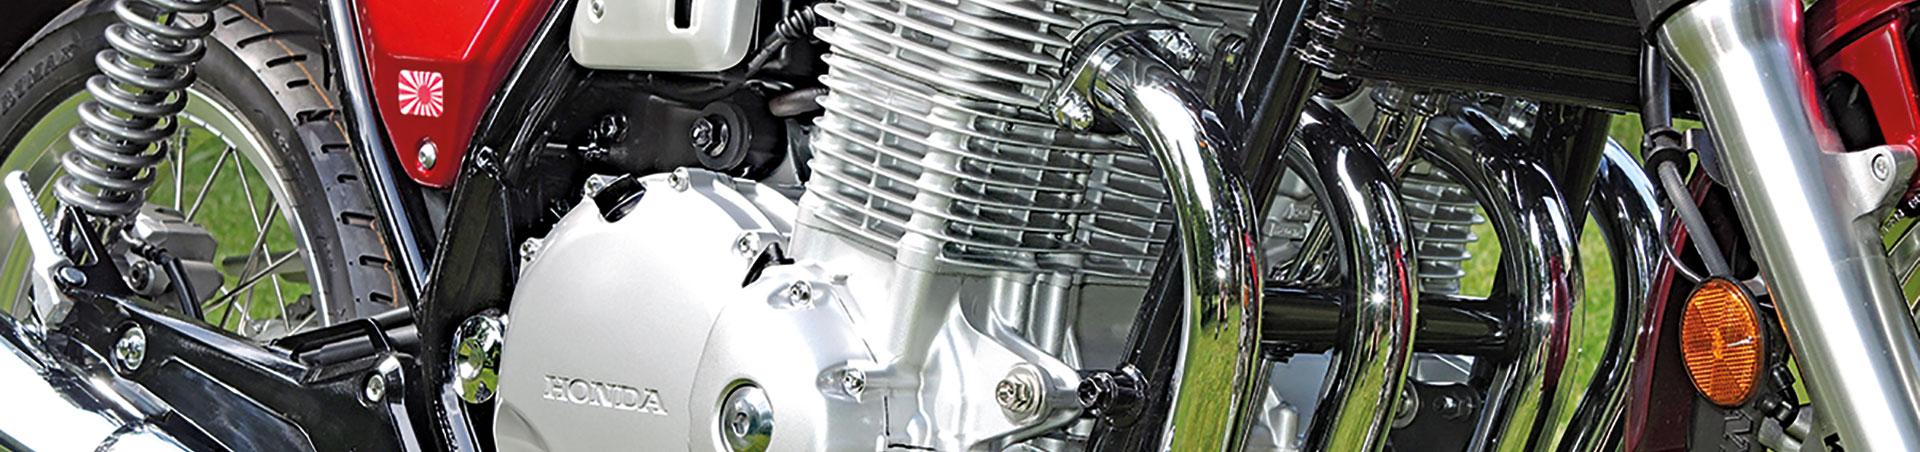 Titelbild-Honda-CB1100EX_06-01-2021_8d8c4